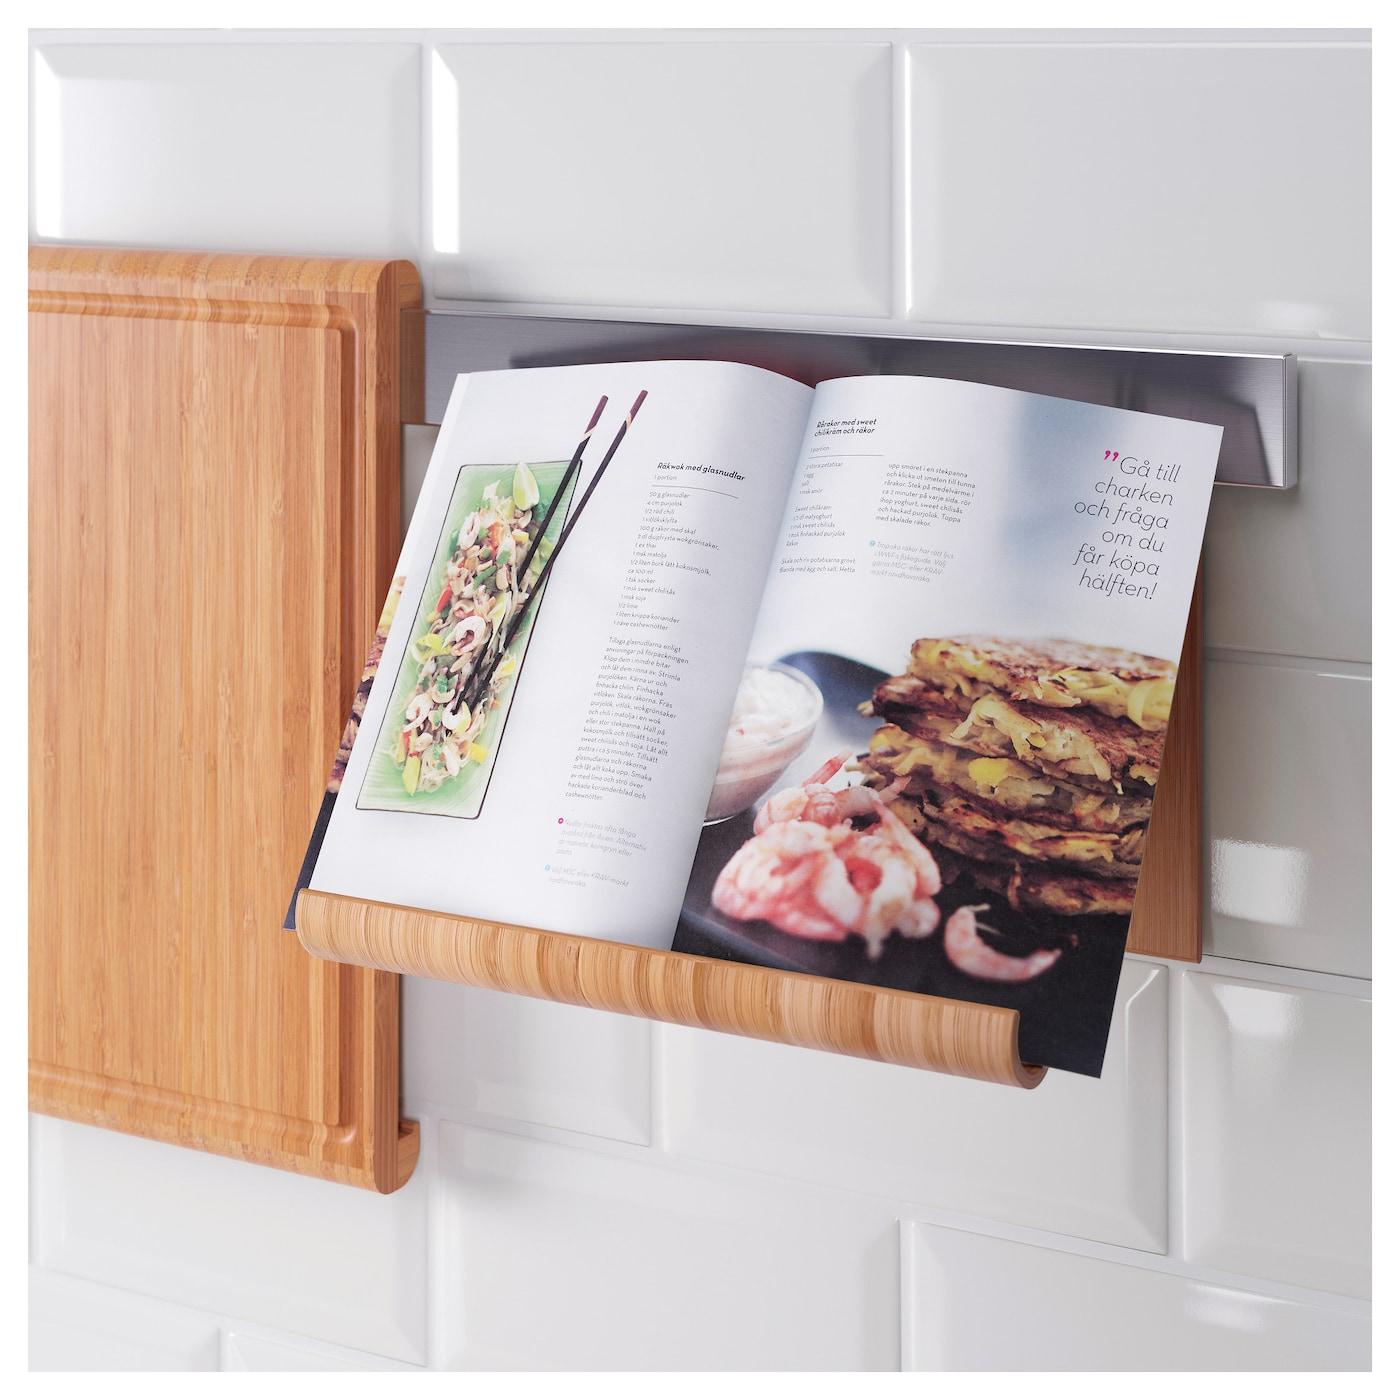 Rimforsa standaard voor tablet bamboe 26x17 cm ikea - Porte livre de cuisine ...